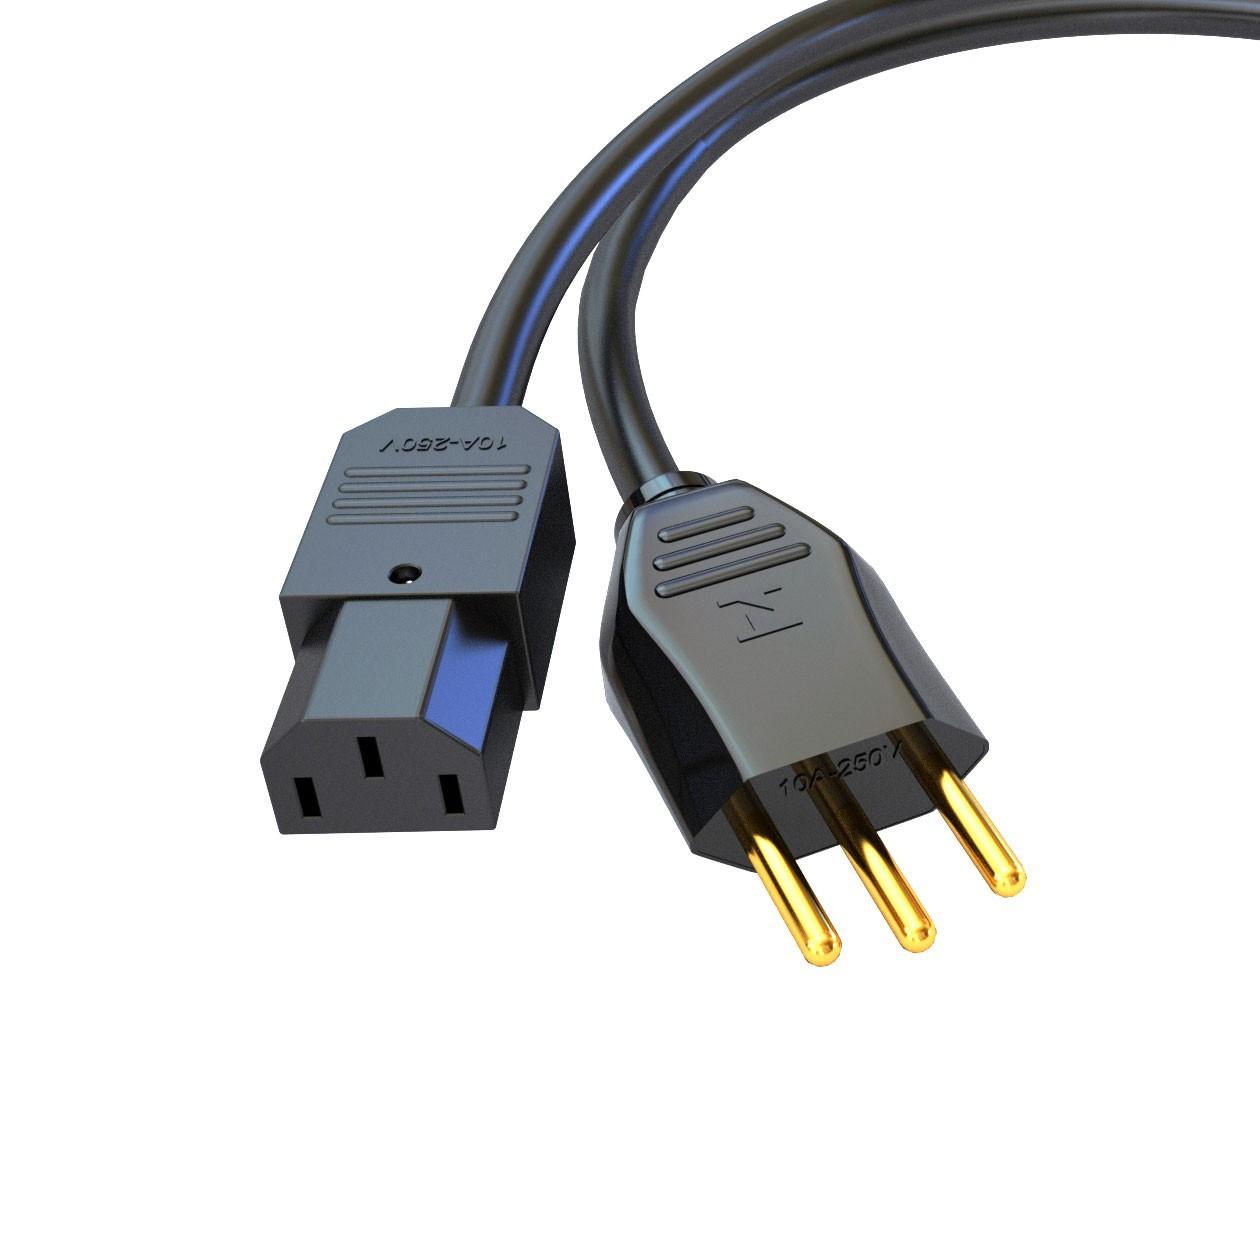 Cabo - Plugue macho NBR14136 20A e Plugue fêmea IEC 320 C13 10A - 250V